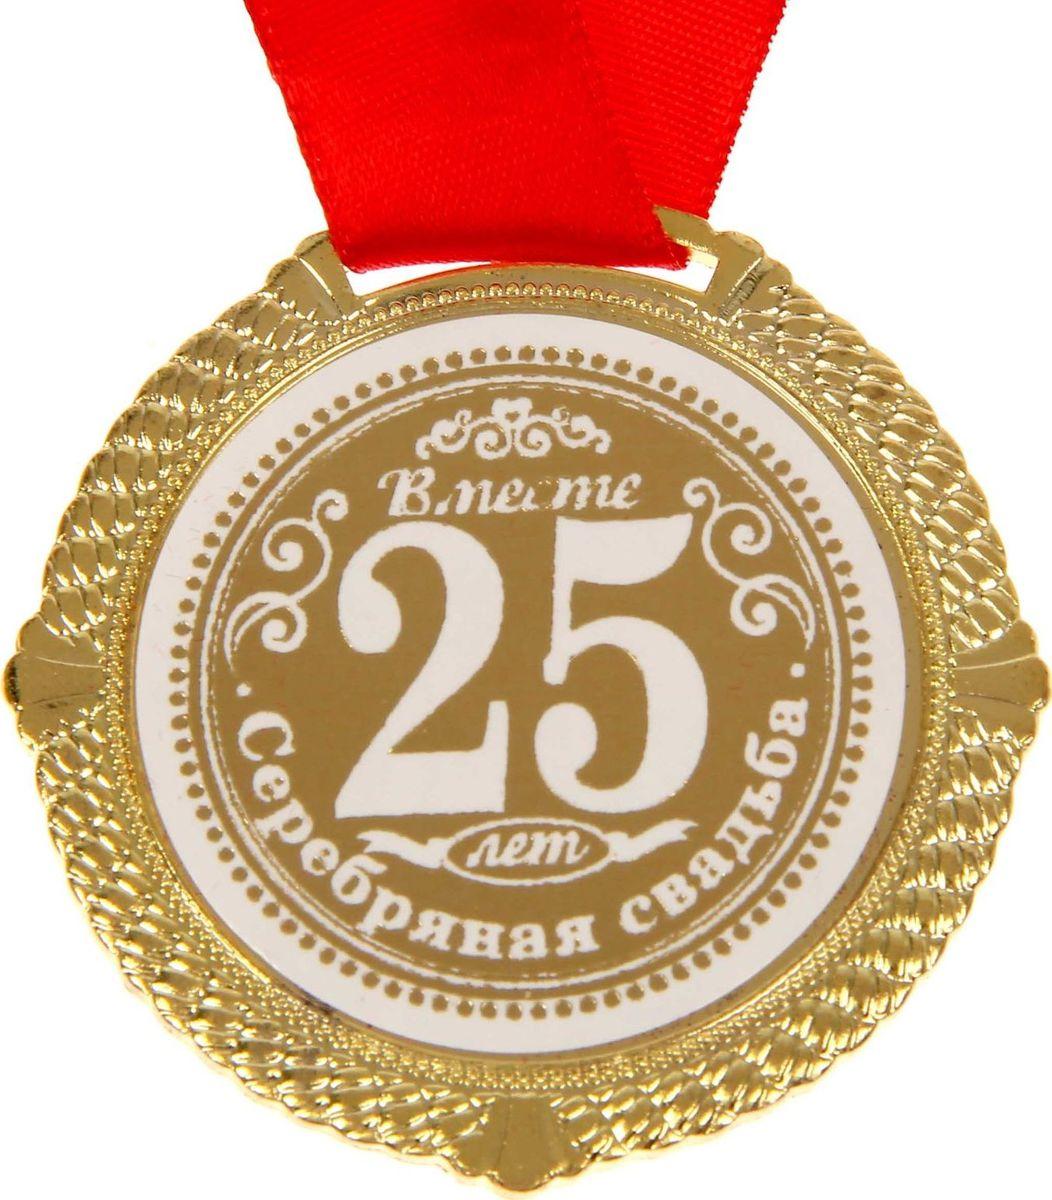 Медаль сувенирная Серебряная свадьба. 25 лет вместе, диаметр 5 см1430036Хотите необычно поздравить близких людей с годовщиной свадьбы? Эта медальв бархатной коробке в форме сердца подчеркнет всю торжественность данногособытия. Награда эксклюзивной формы изготовлена из металла золотого цвета идополнена надписью на металлическом шильде. А чтобы вы сразу смогли надетьмедаль на получателя, в комплект входит лента. Радуйте и удивляйте близкихлюдей оригинальными презентами, которые останутся с ними на долгие годы!Размер футляра: 9 х 8,1 х 3 см.